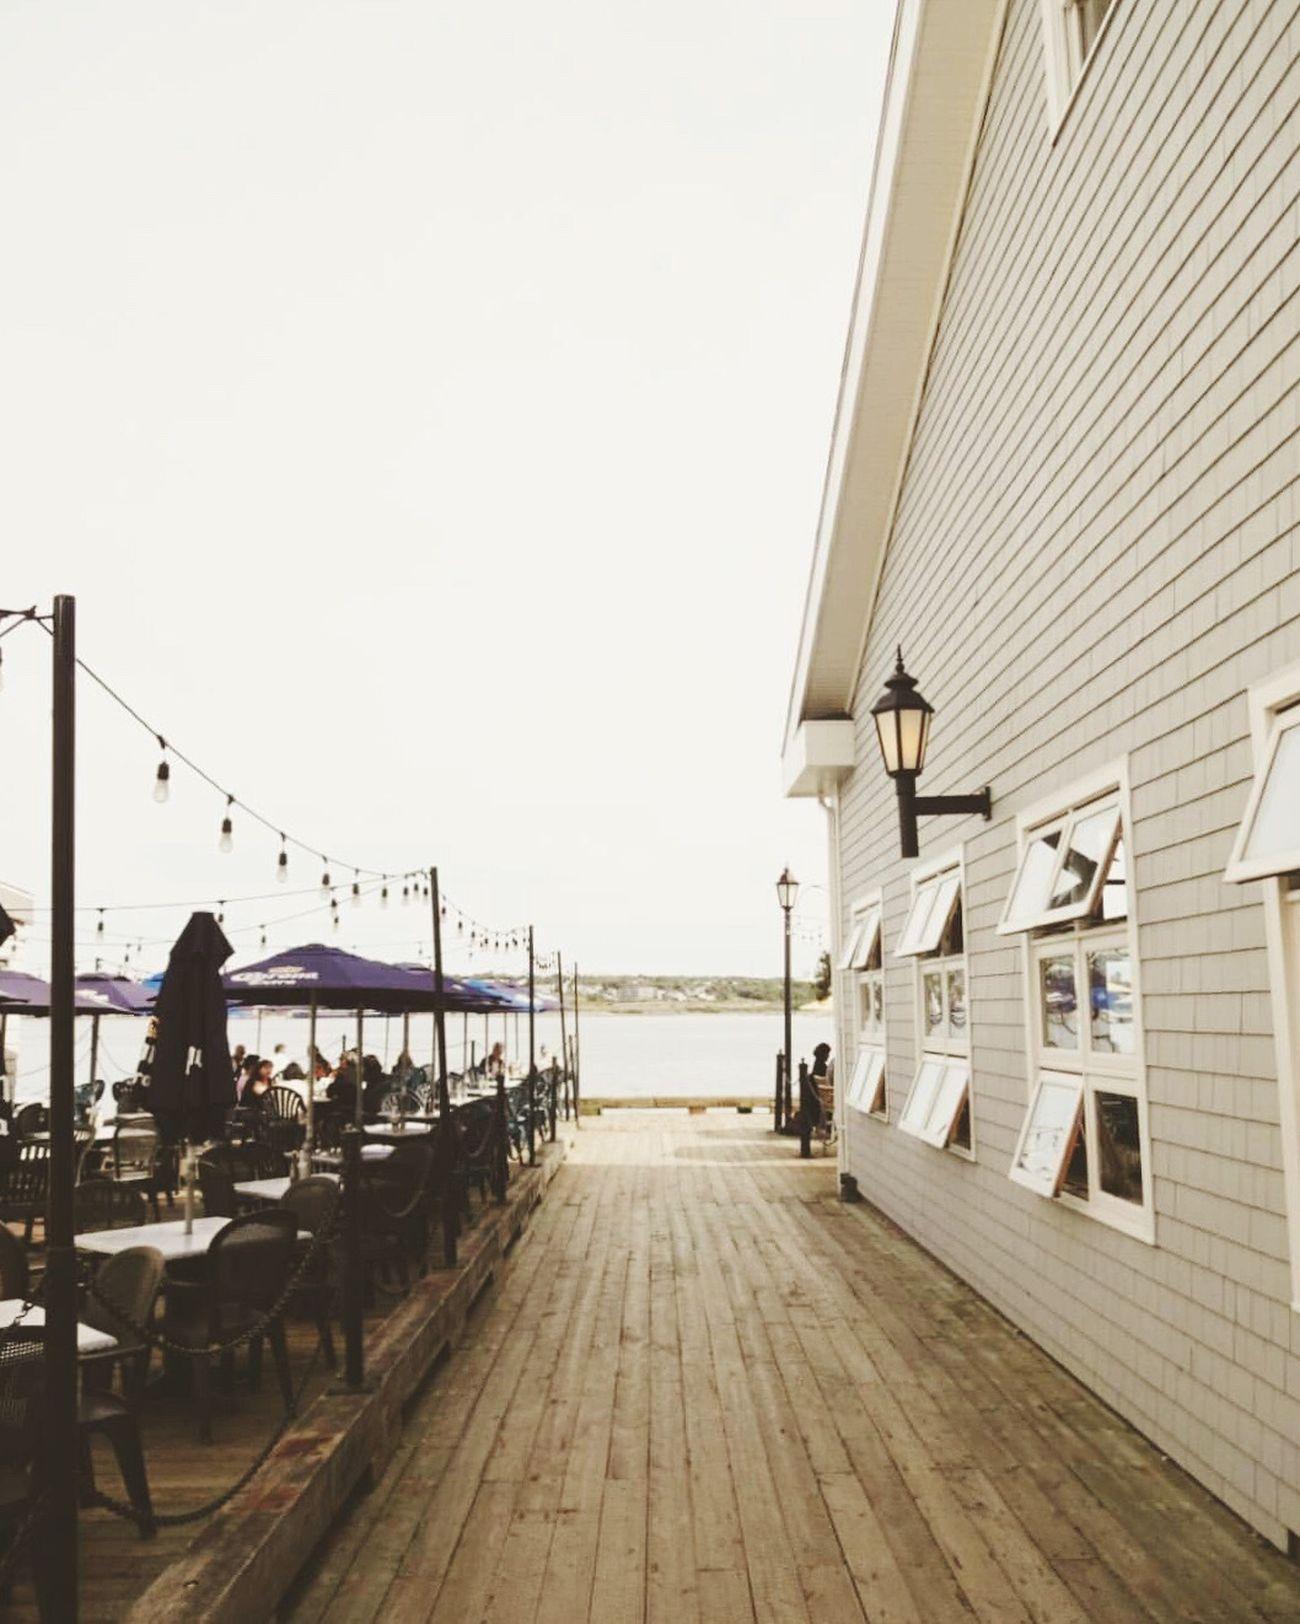 Boardwalk stroll